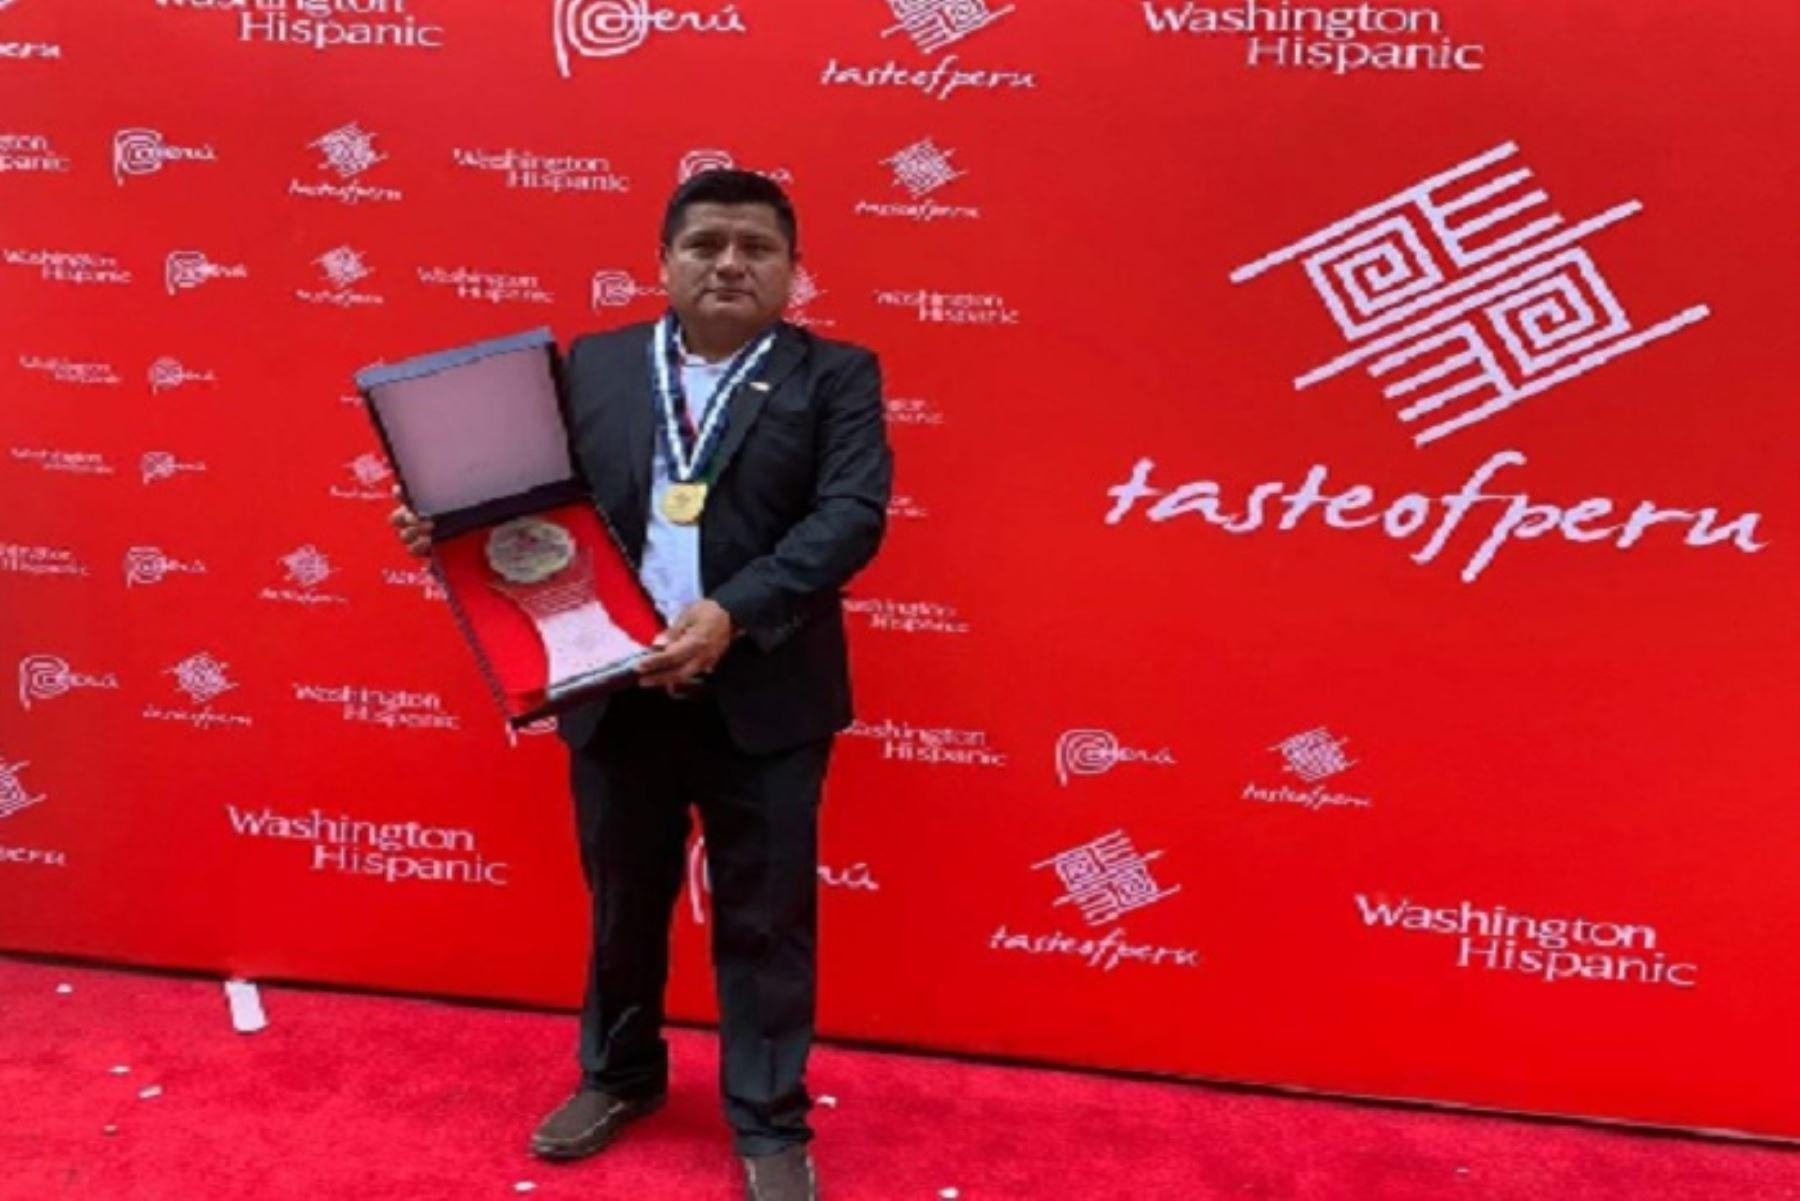 El café del distrito de San Miguel del Faique, en la región Piura, ganó el Premio Mundial al Mejor Café del Mundo, en la séptima edición de la feria Taste of Perú, que se llevó a cabo los días 1,2,3 y 4 de junio en la Universidad de Columbia, en Washington D.C., Estados Unidos.